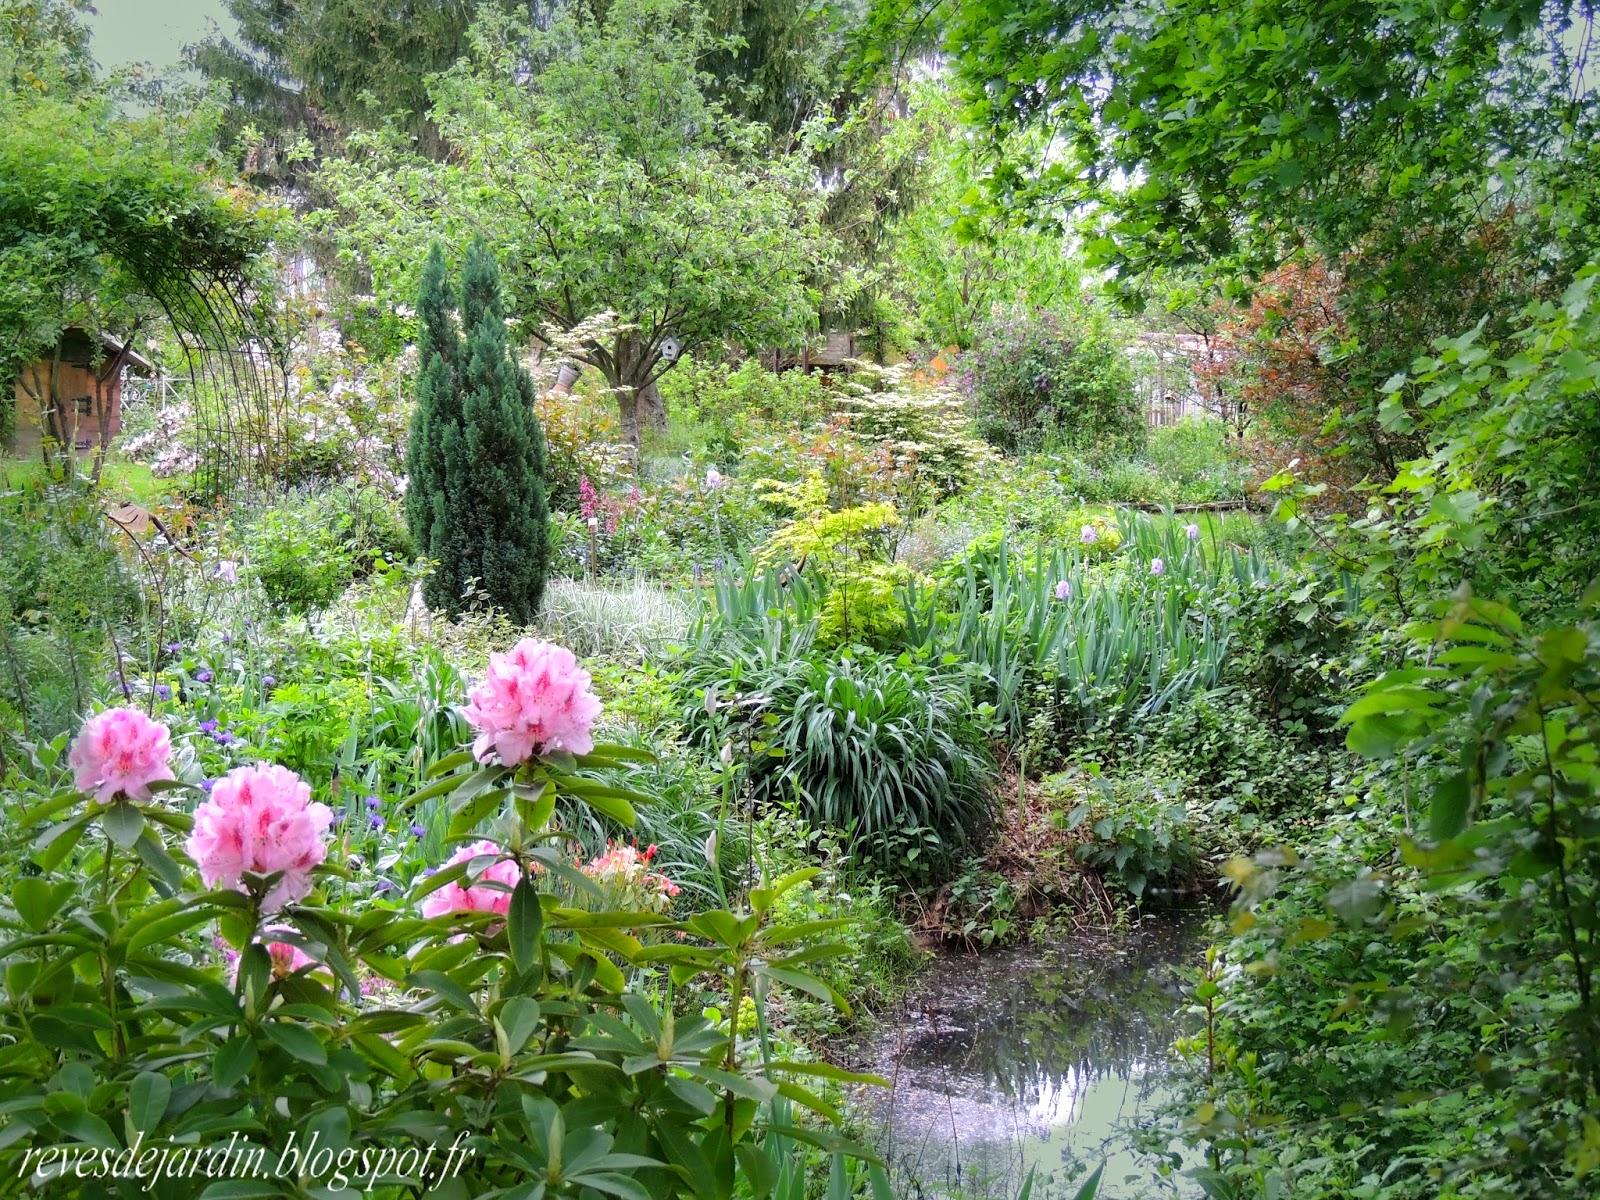 Il etait un petit jard 39 ain poesie jardiniere - Faire une mare dans son jardin ...